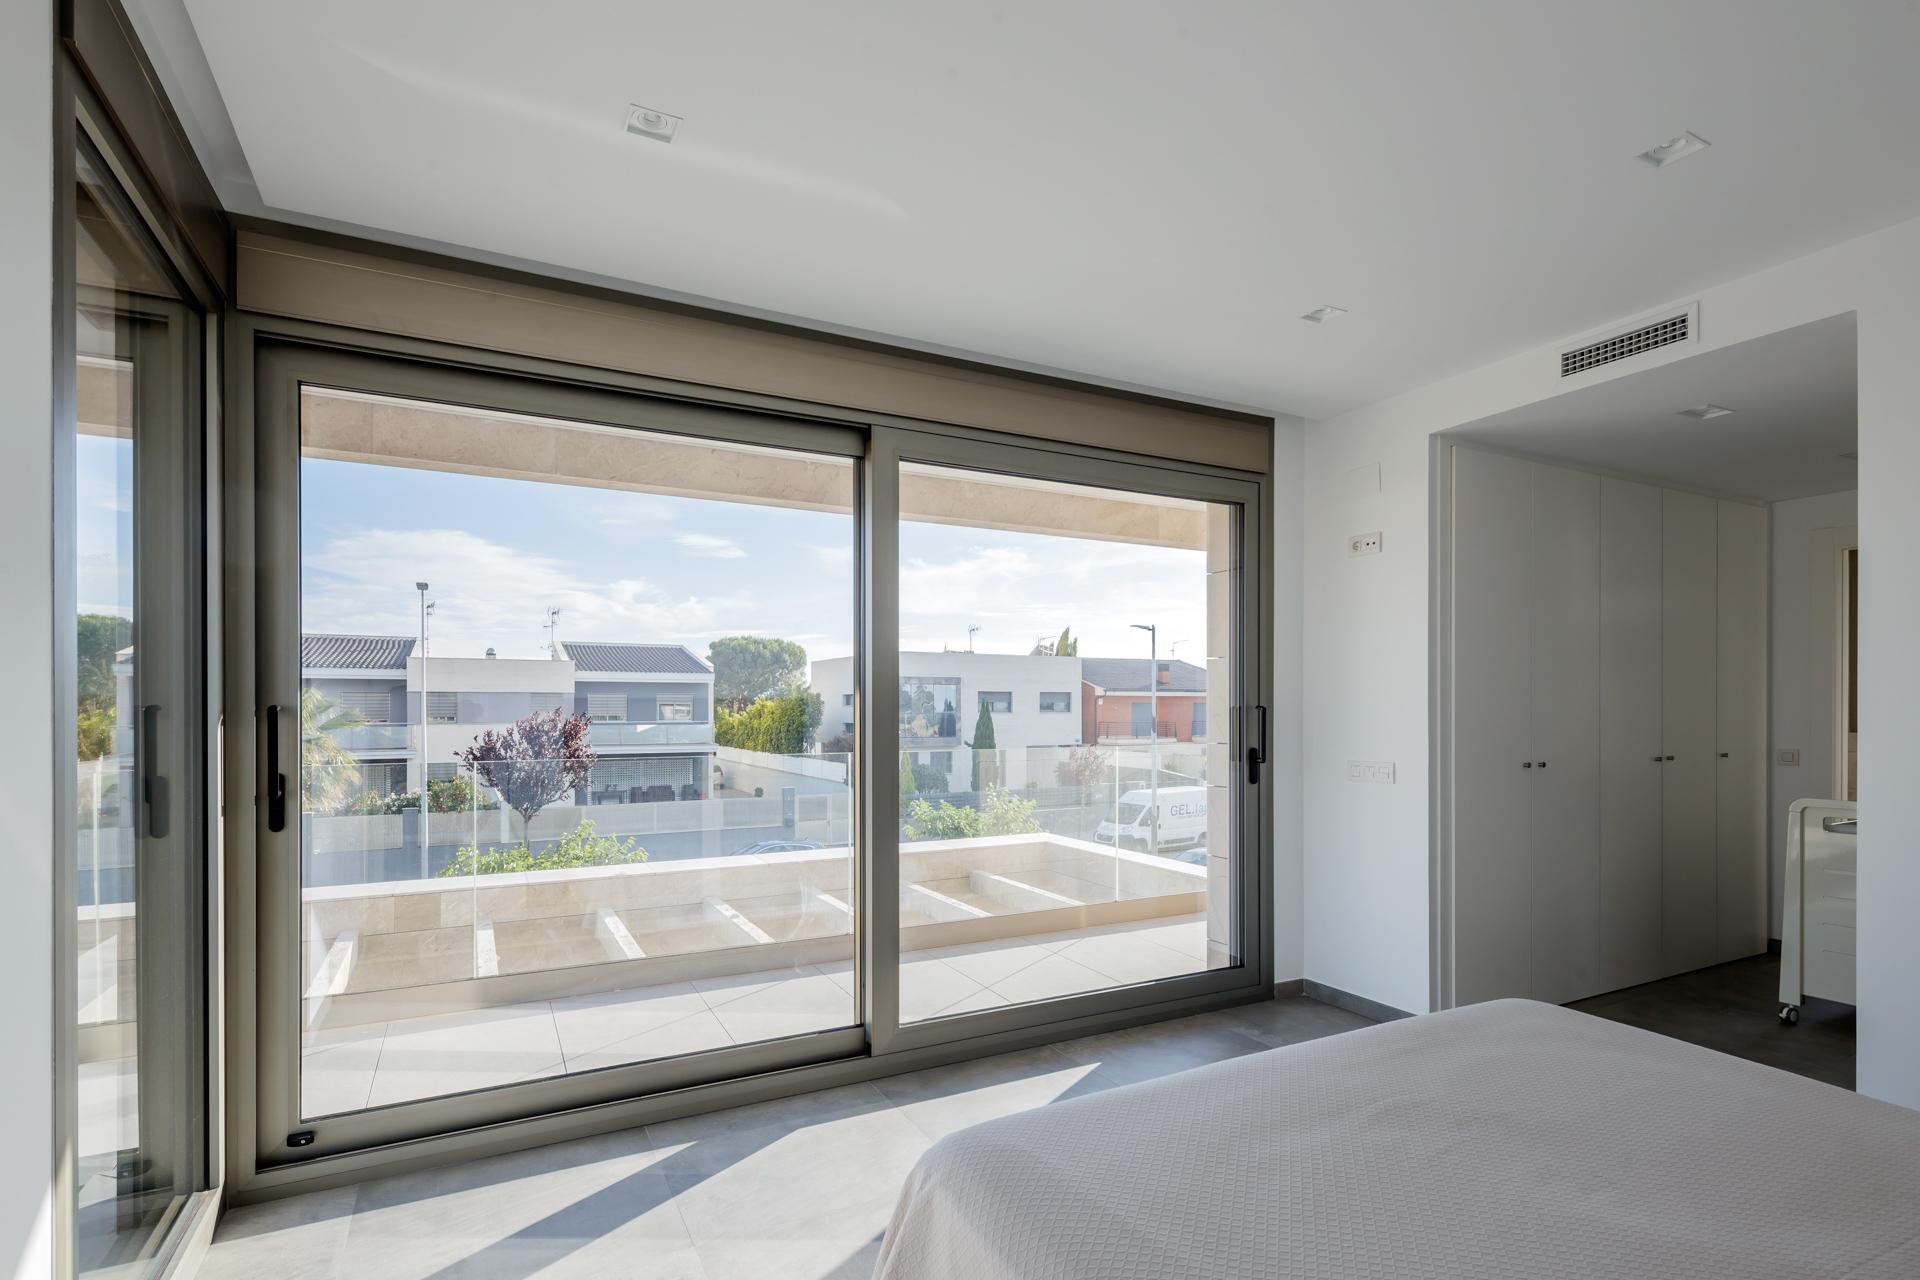 Dormitorio moderno_ventanal_cristal_luz_Balcón_Arquitectos valencia_proyectos